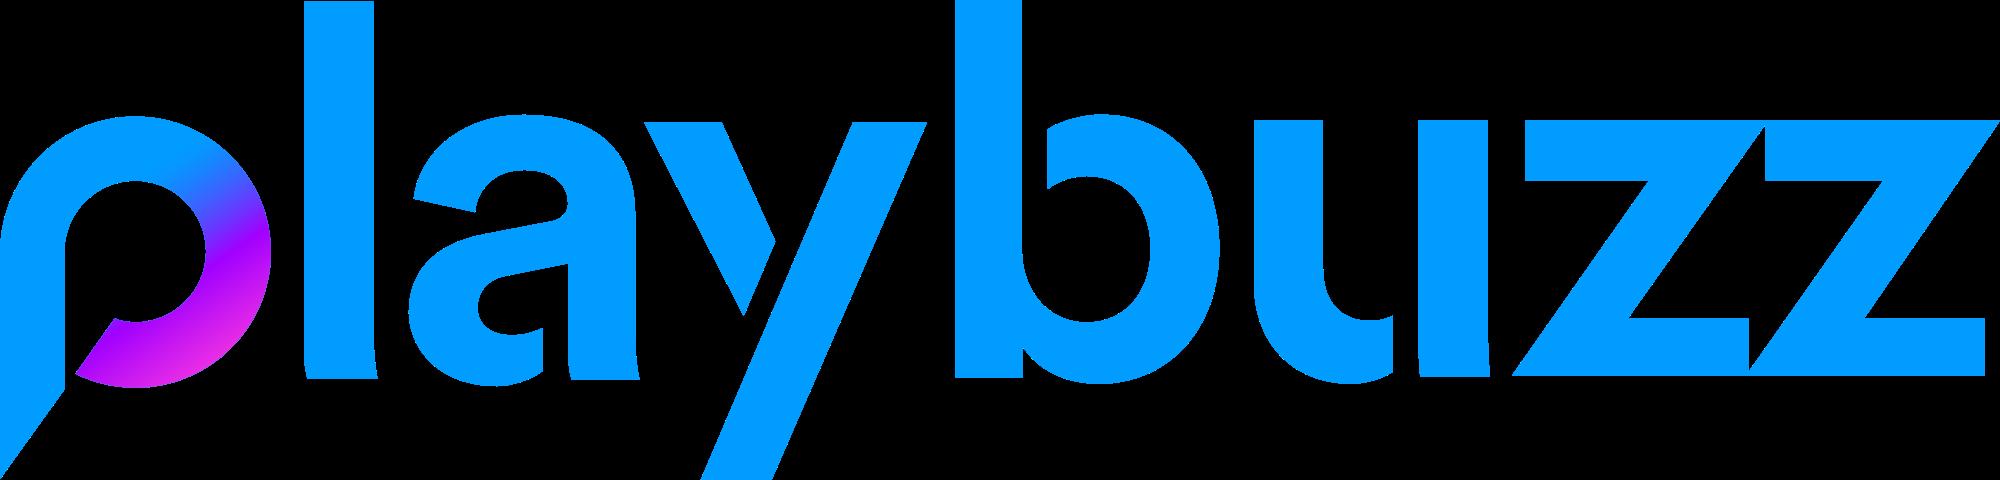 Playbuzz